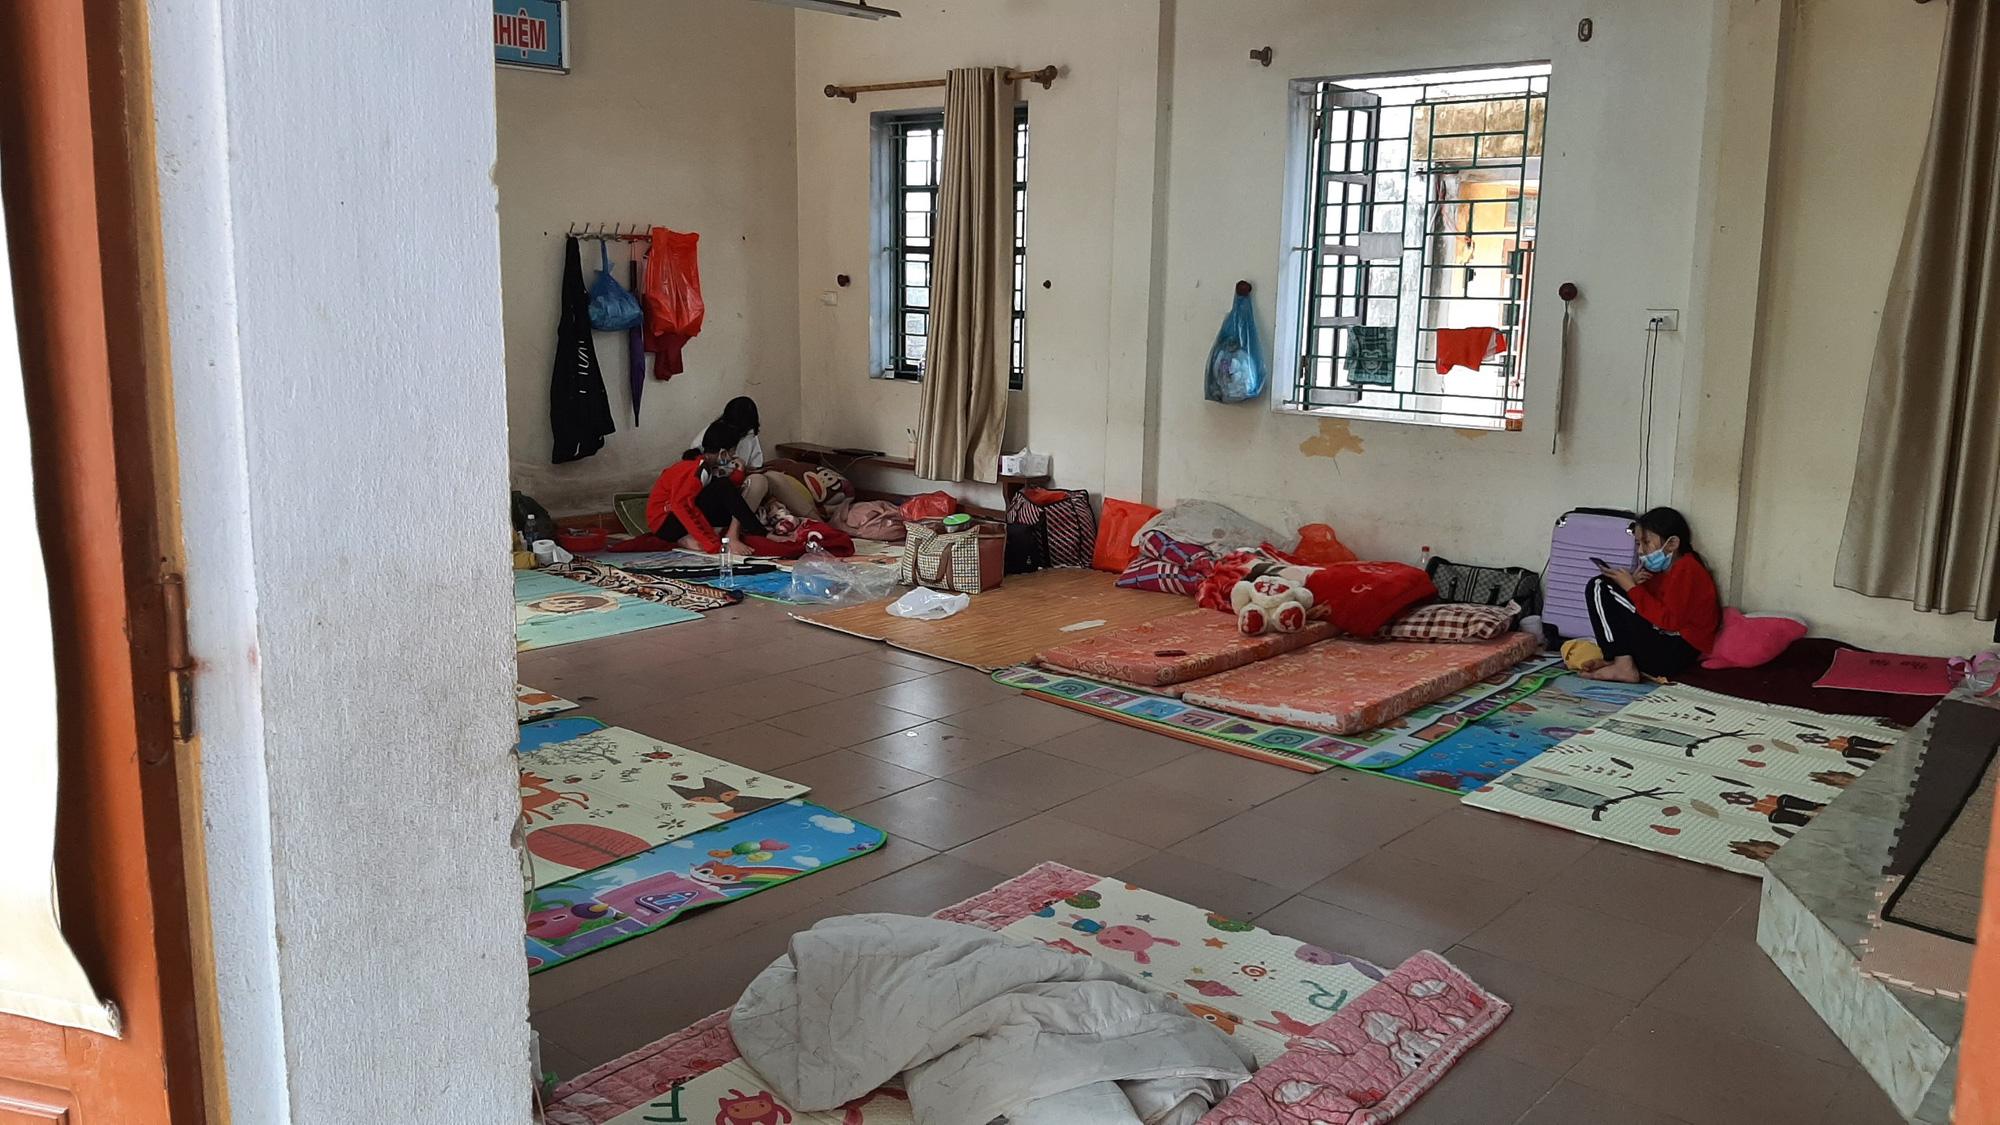 Xúc động những lưu bút yêu thương của học sinh tiểu học Chí Linh gửi lực lượng tuyến đầu chống dịch Covid-19 - Ảnh 2.